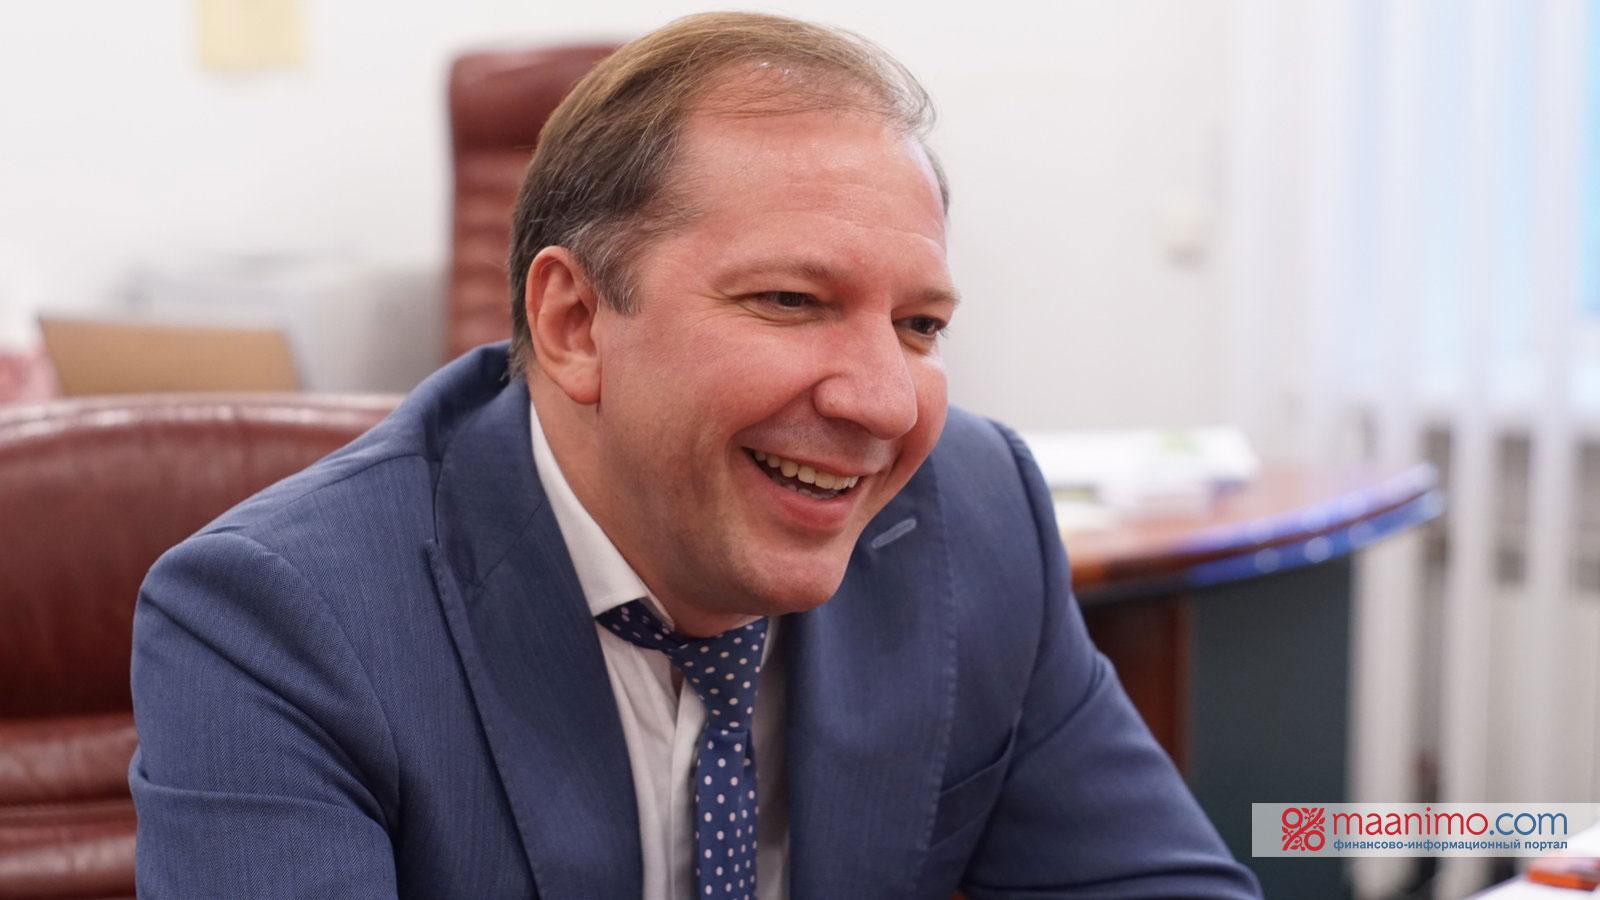 Тарас Кириченко (CEO ПРАВЭКС БАНКа): «Клиент голосует деньгами: если людям нравится сервис, он будет востребован»